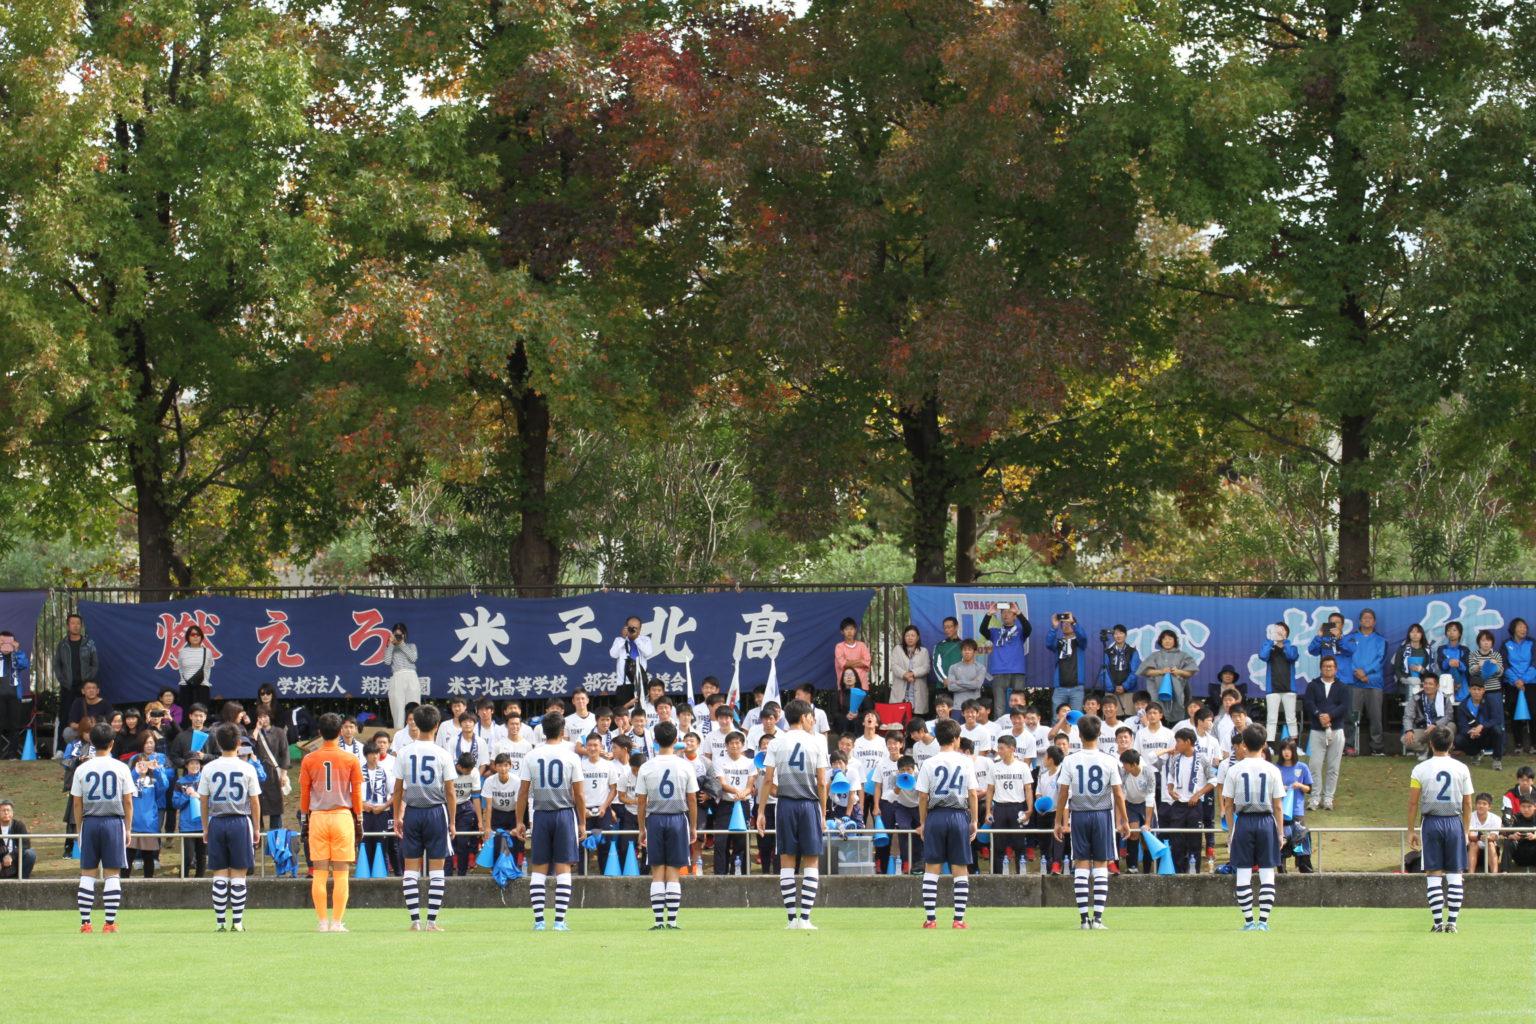 第98回 全国高校サッカー選手権鳥取県大会 準決勝